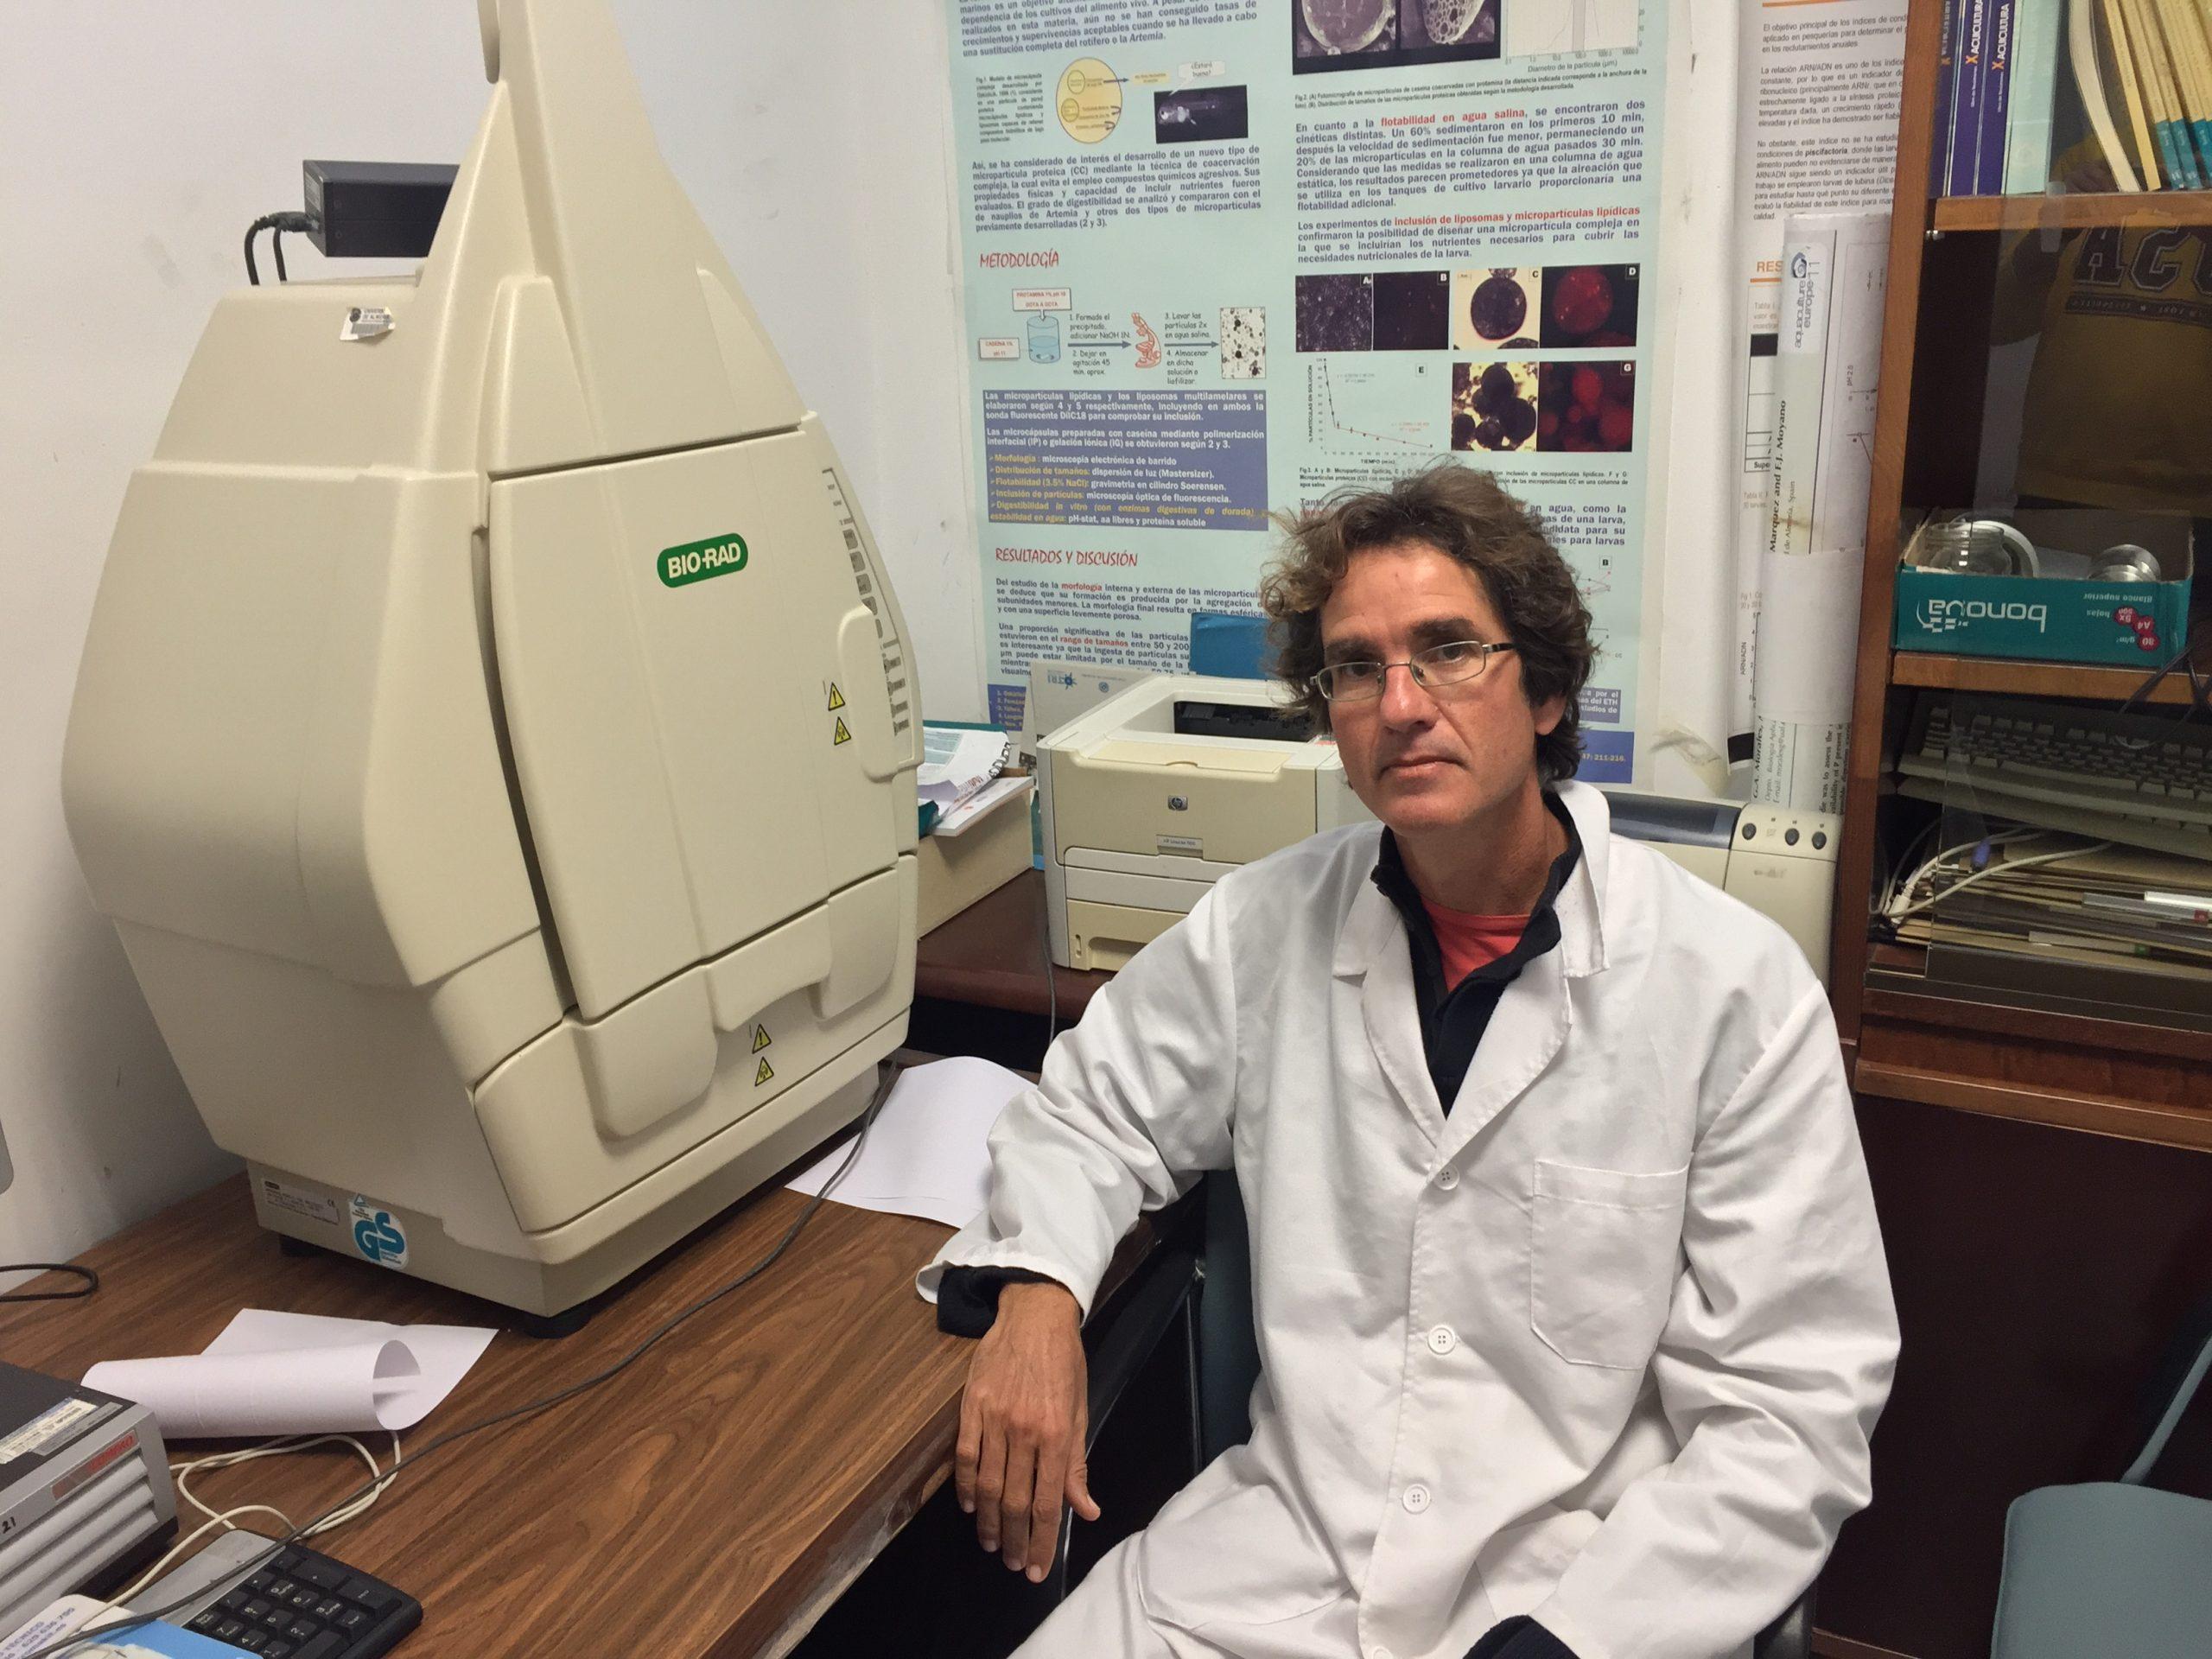 """Dr. Pablo Campra: """"Lo que se ha visto en ensayos publicados es que el dióxido de cloro oxida gran cantidad de virus. Las placas se quedan al 99%. Los mata a todos. Entonces eso es probable que también actúe en plasma"""""""